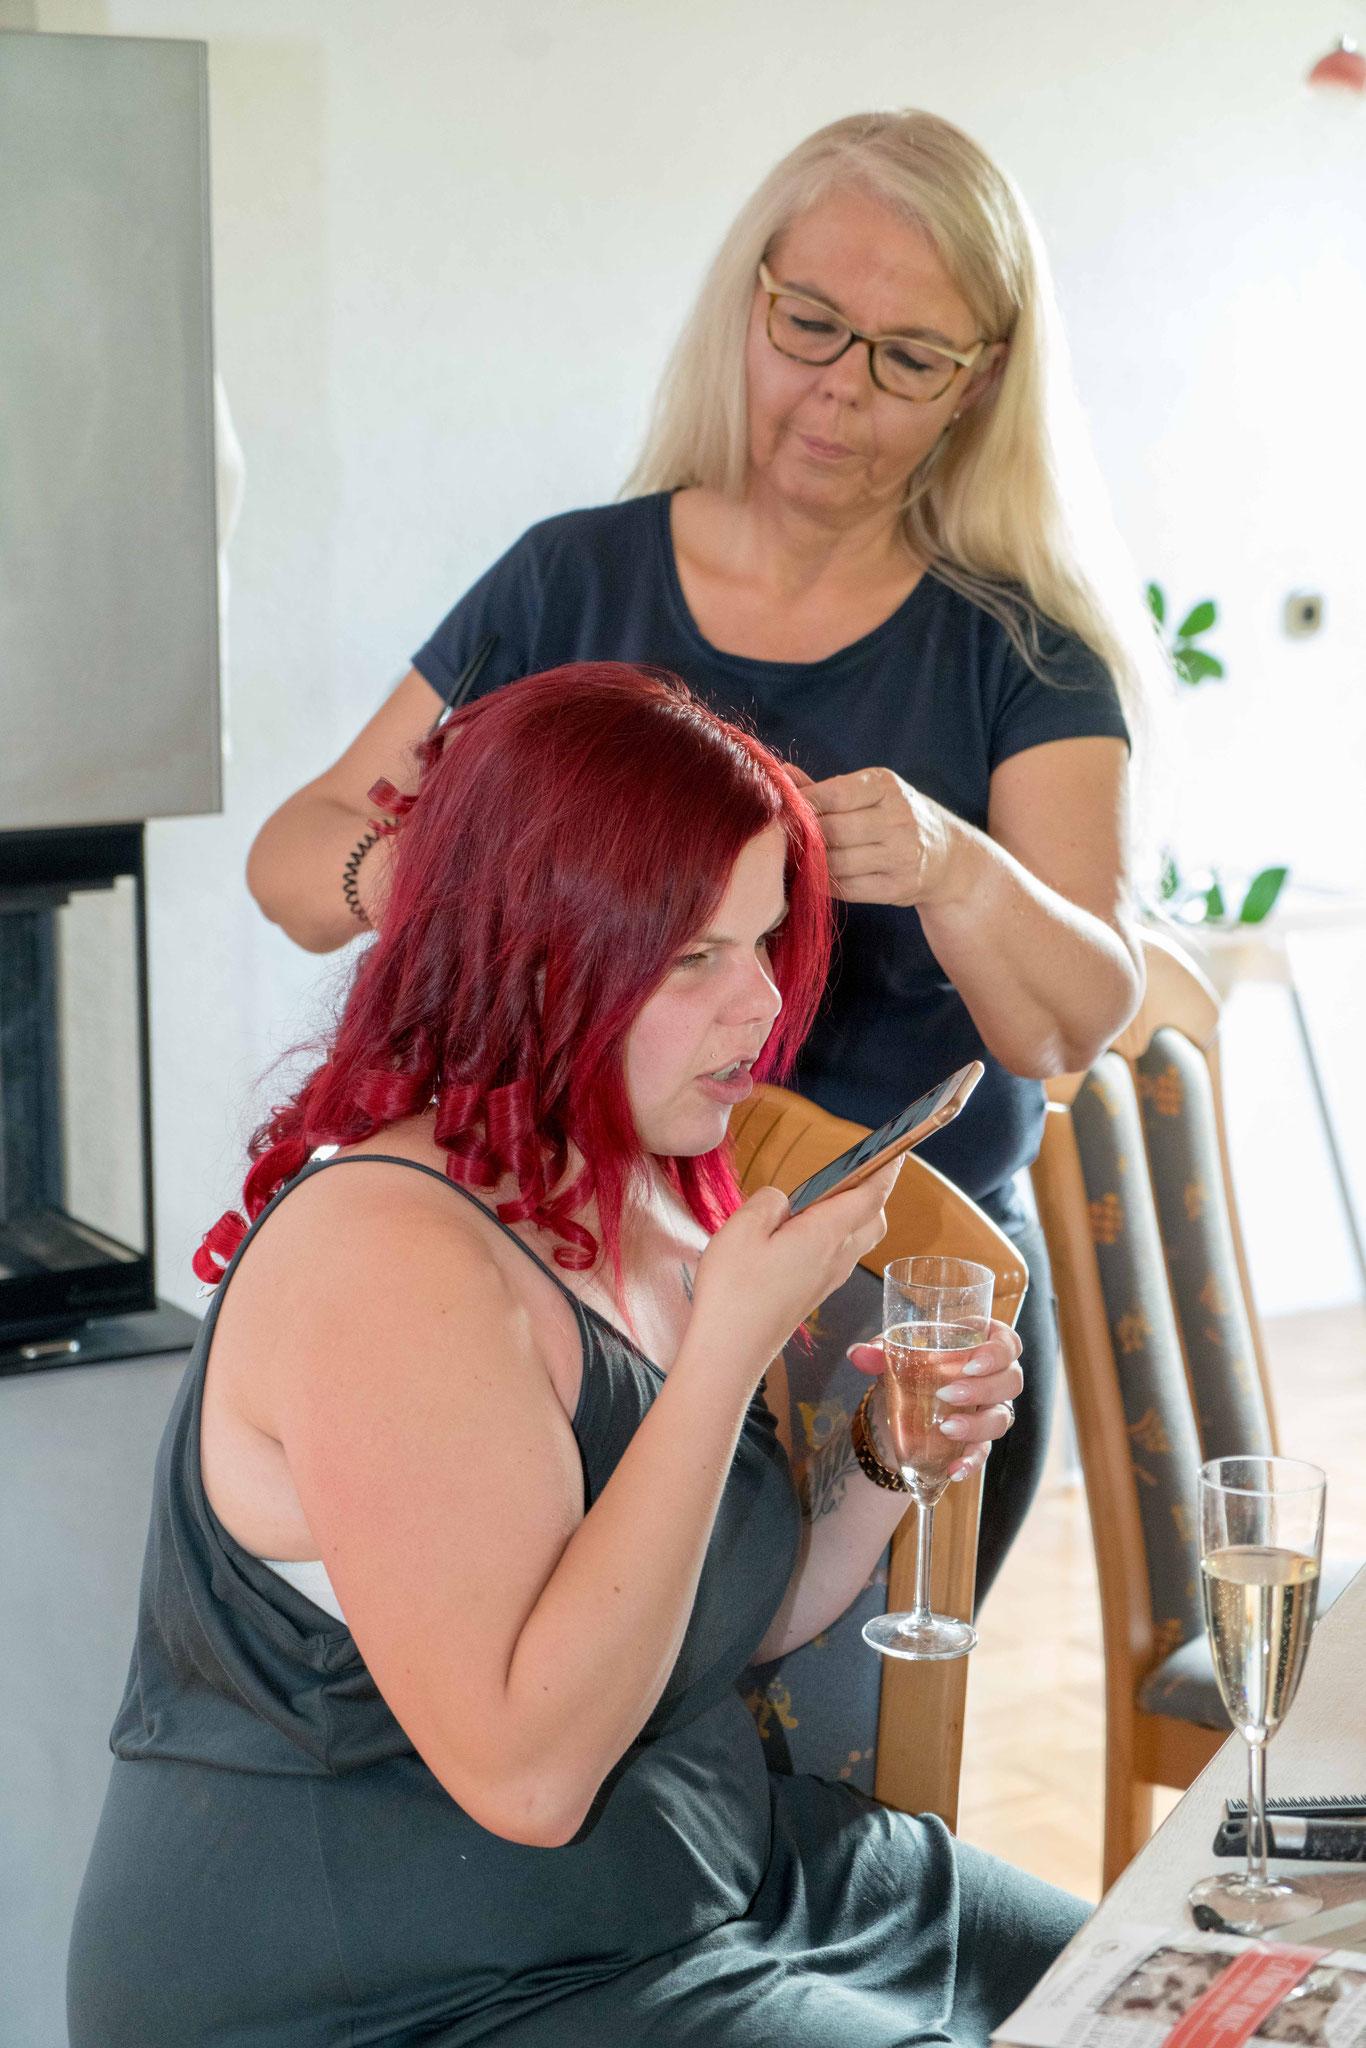 währenddessen arbeitet Mama Bente (Friseurmeisterin mit eigenem Salon) weiter an der Lockenpracht